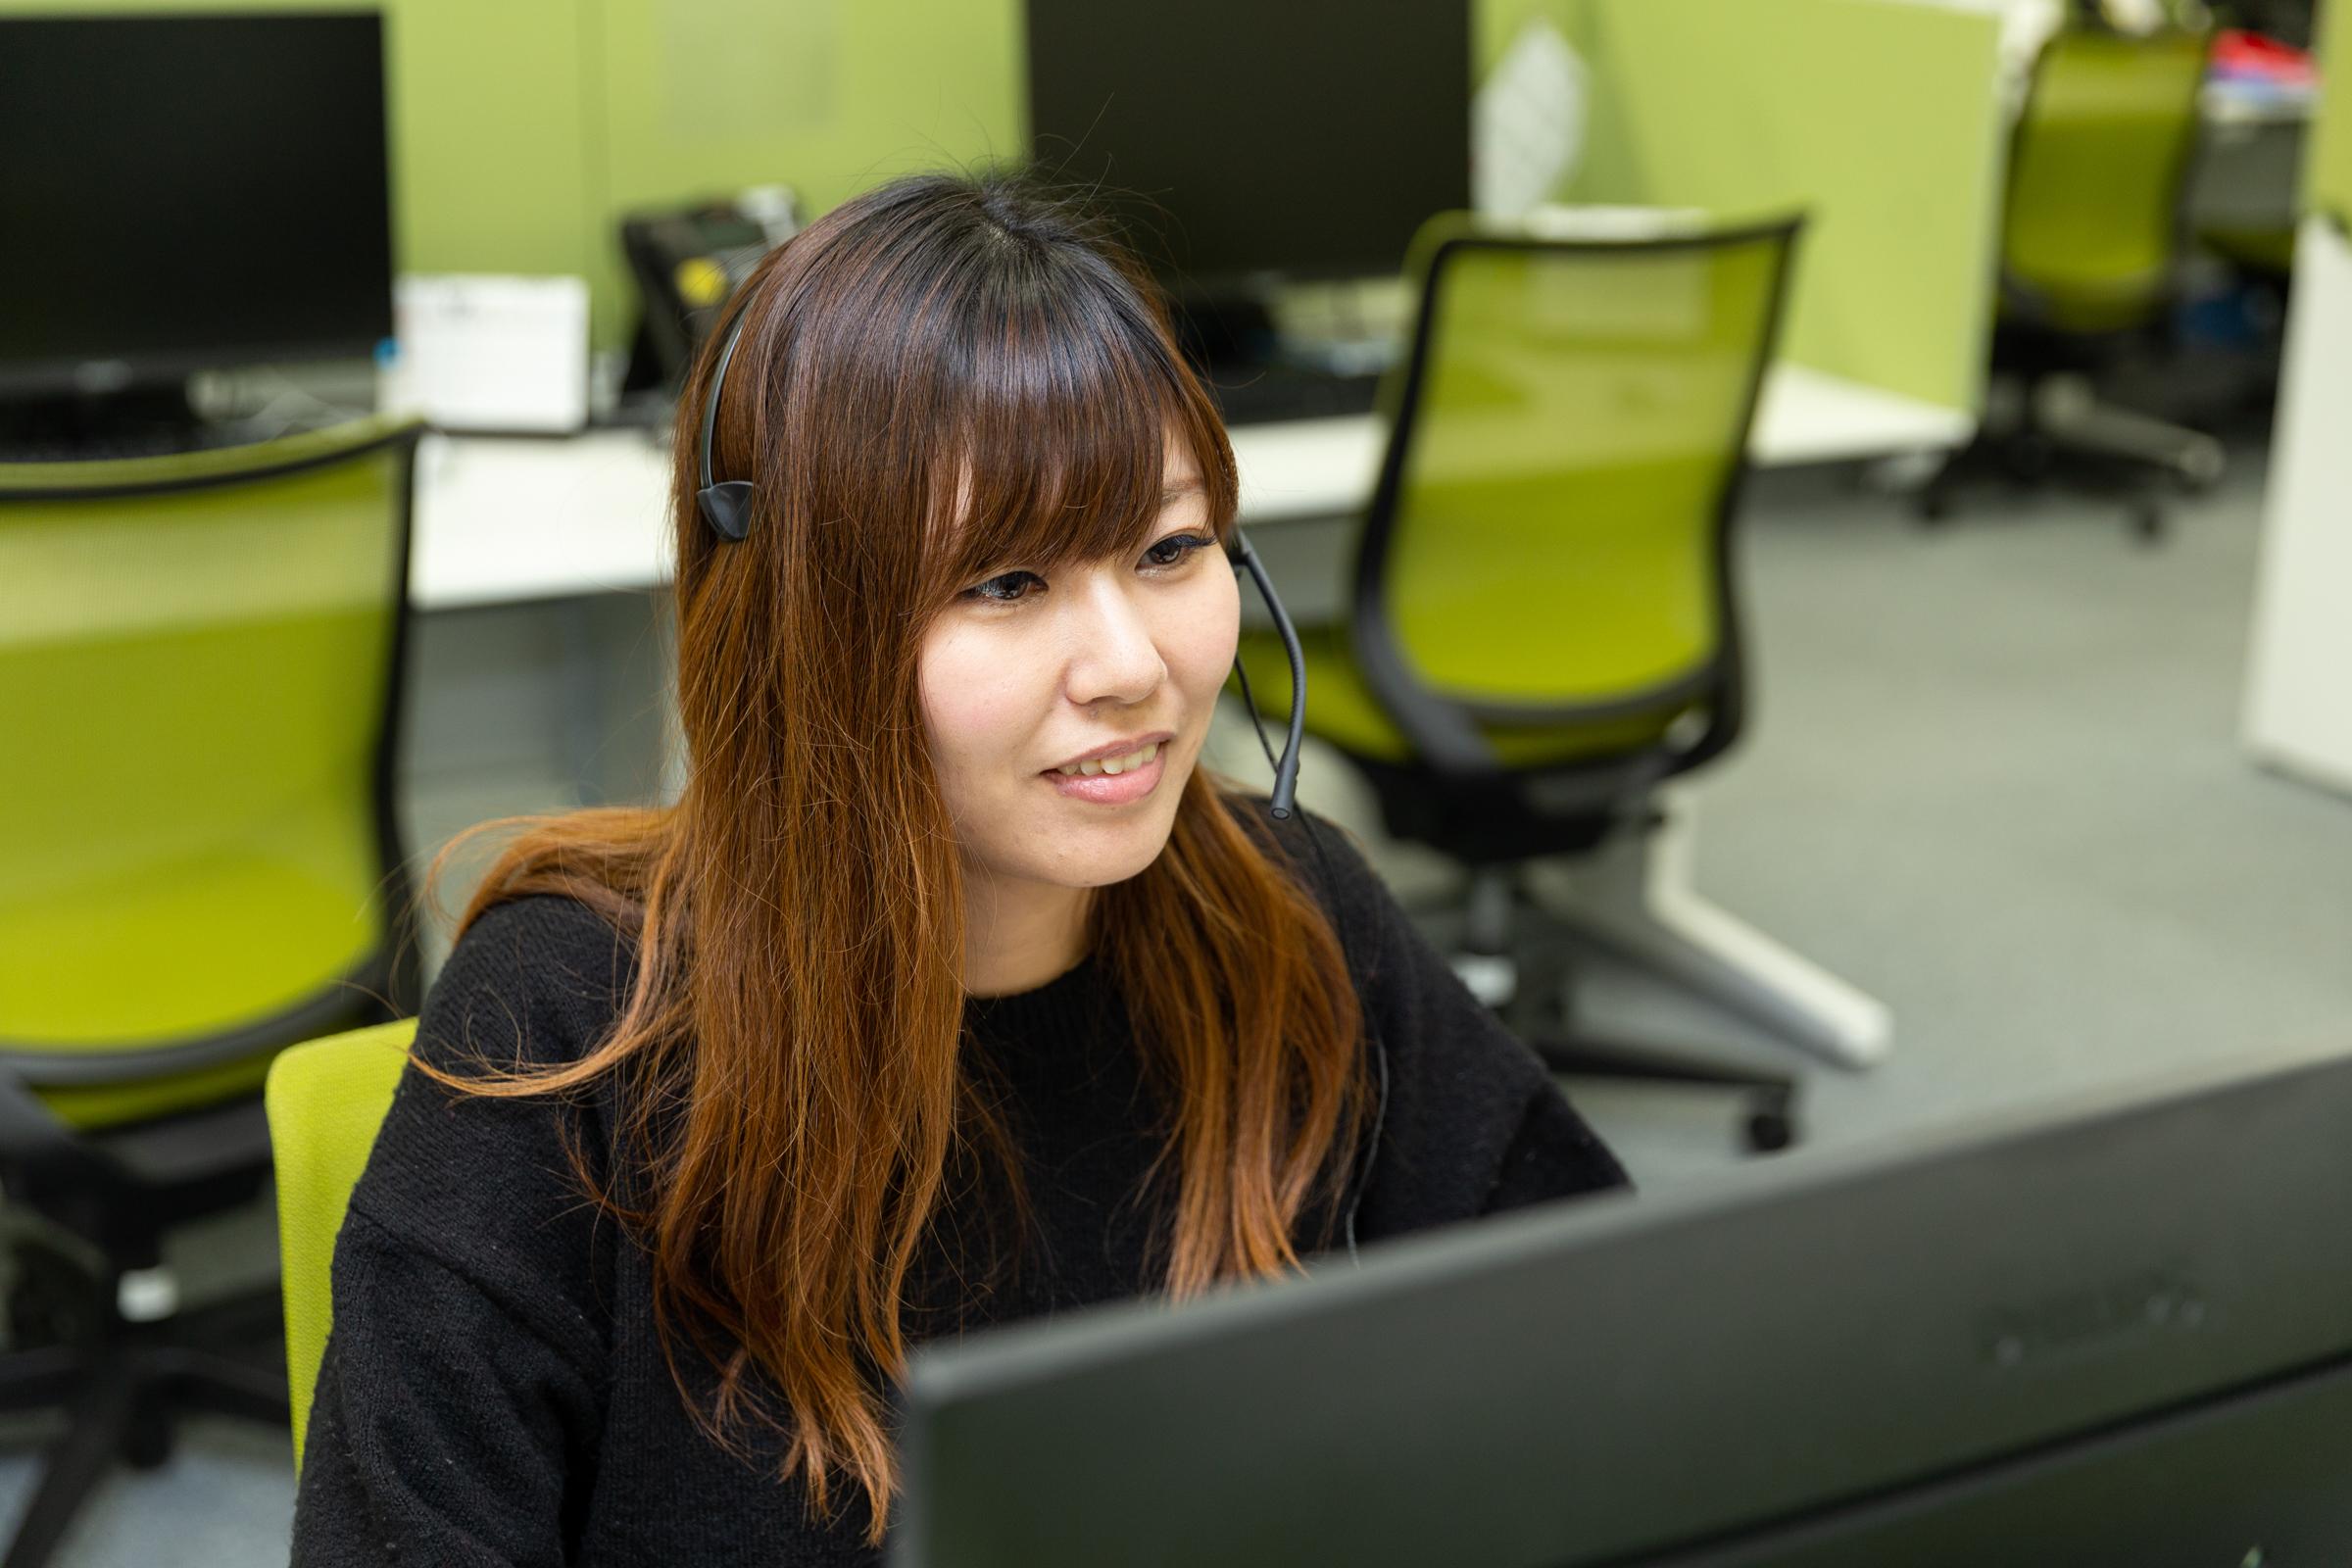 転職サービスに関するアドバイザーのサポート業務